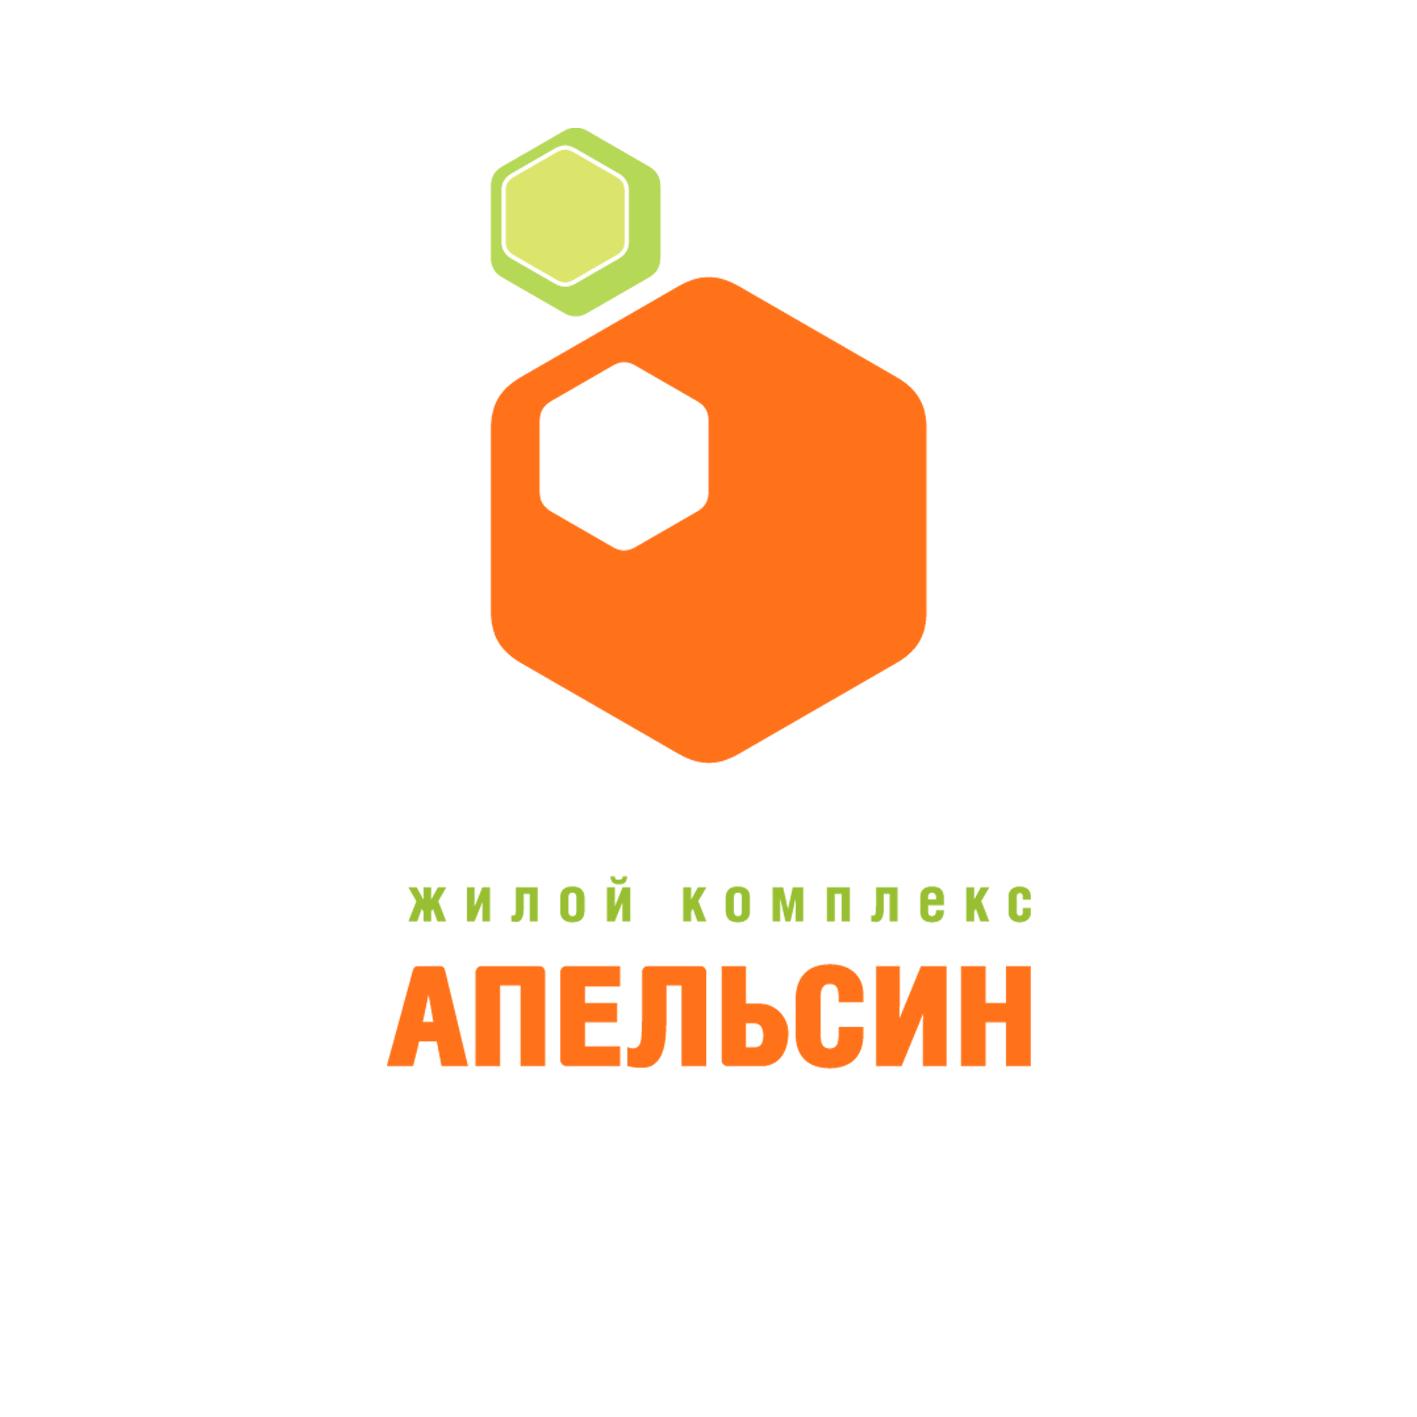 Логотип и фирменный стиль фото f_0625a66e29be8aeb.png